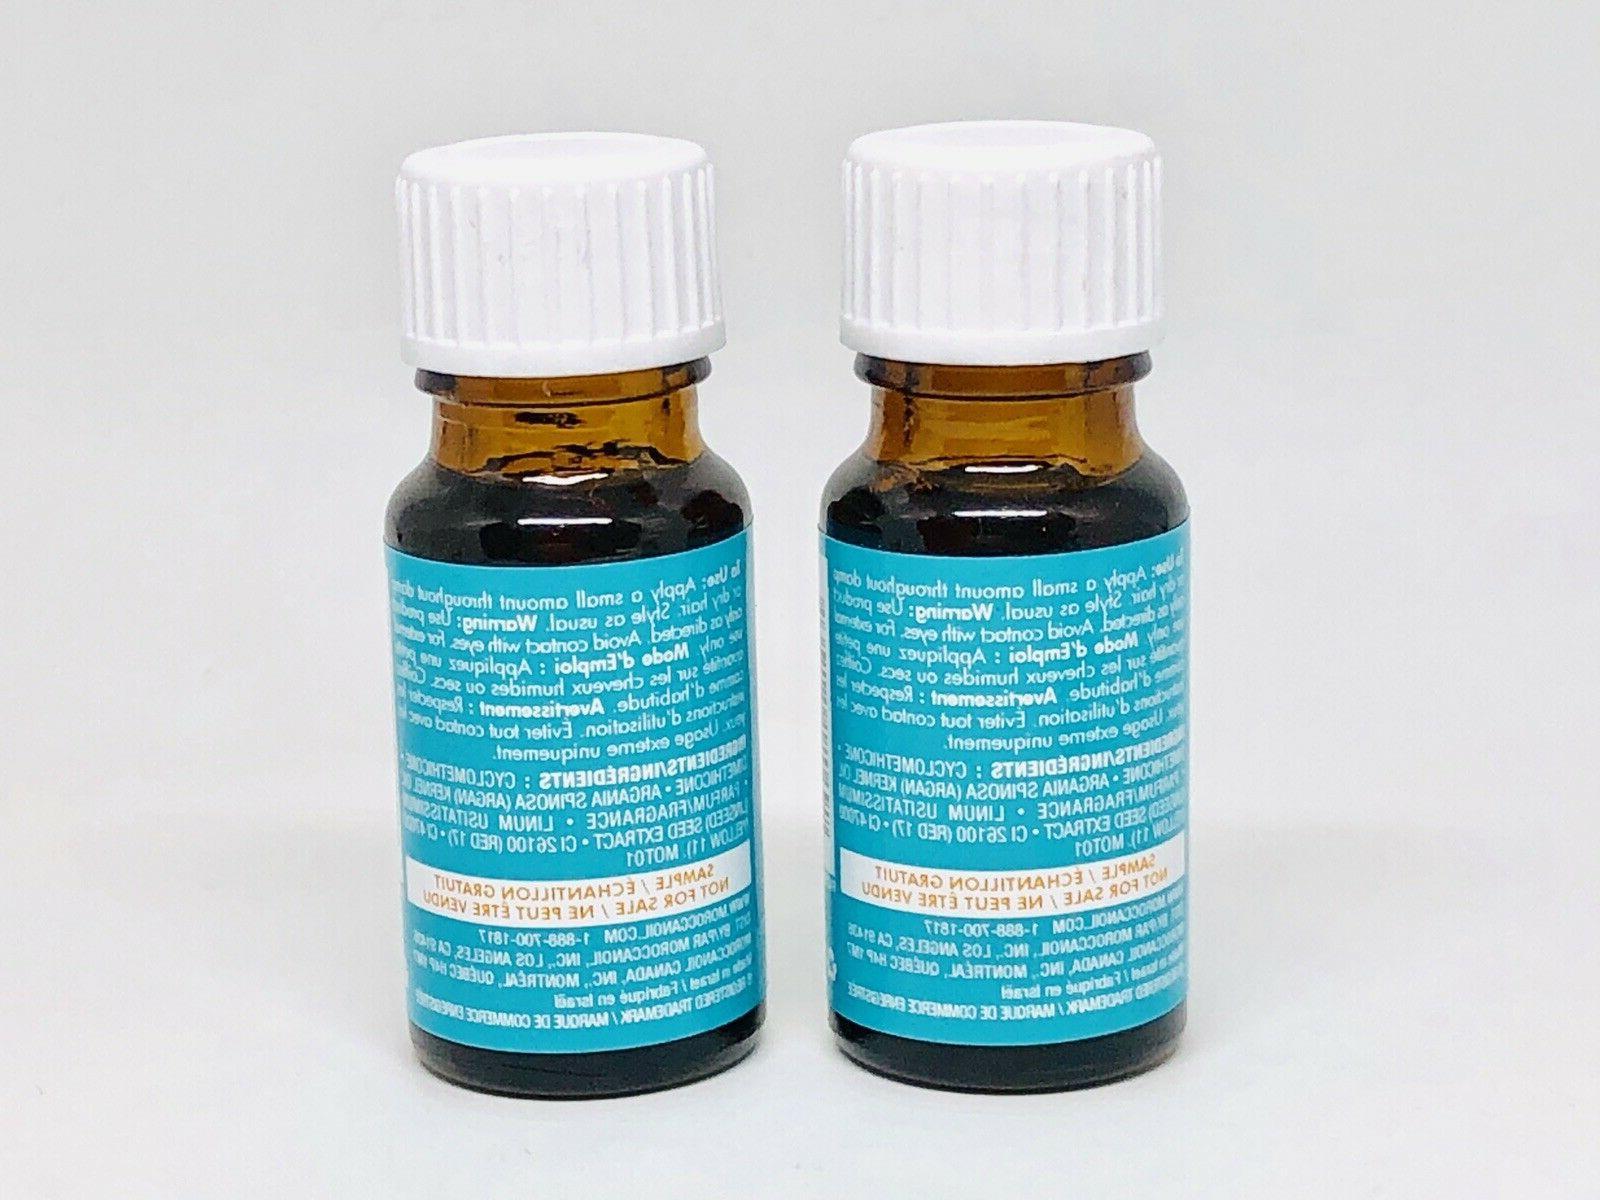 MOROCCANOIL Original Moroccan Oil 10 ml NEW